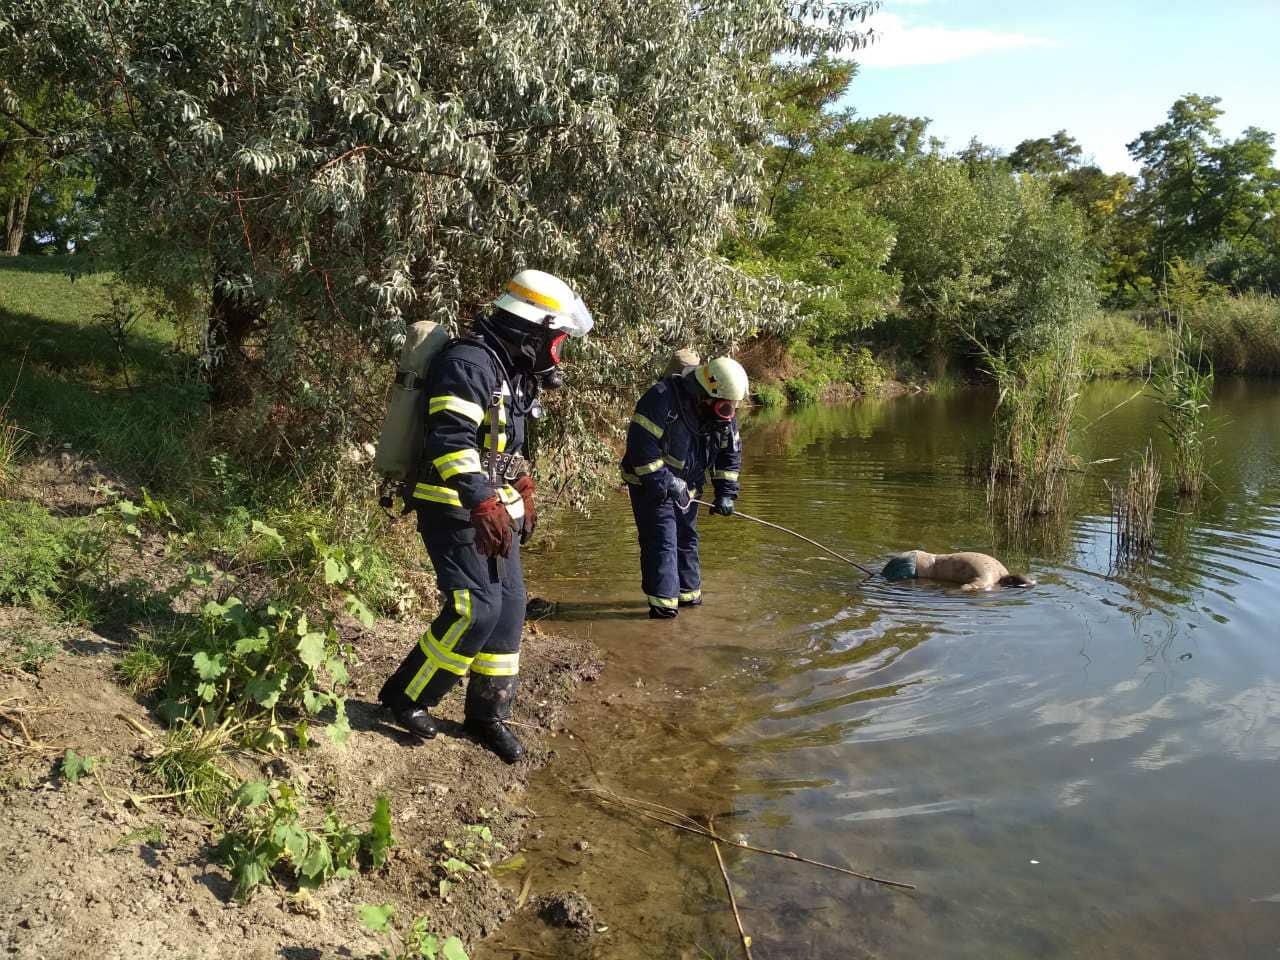 В воде плавал труп мужчины: спасатели с трудом смогли достать тело. Новости Днепра